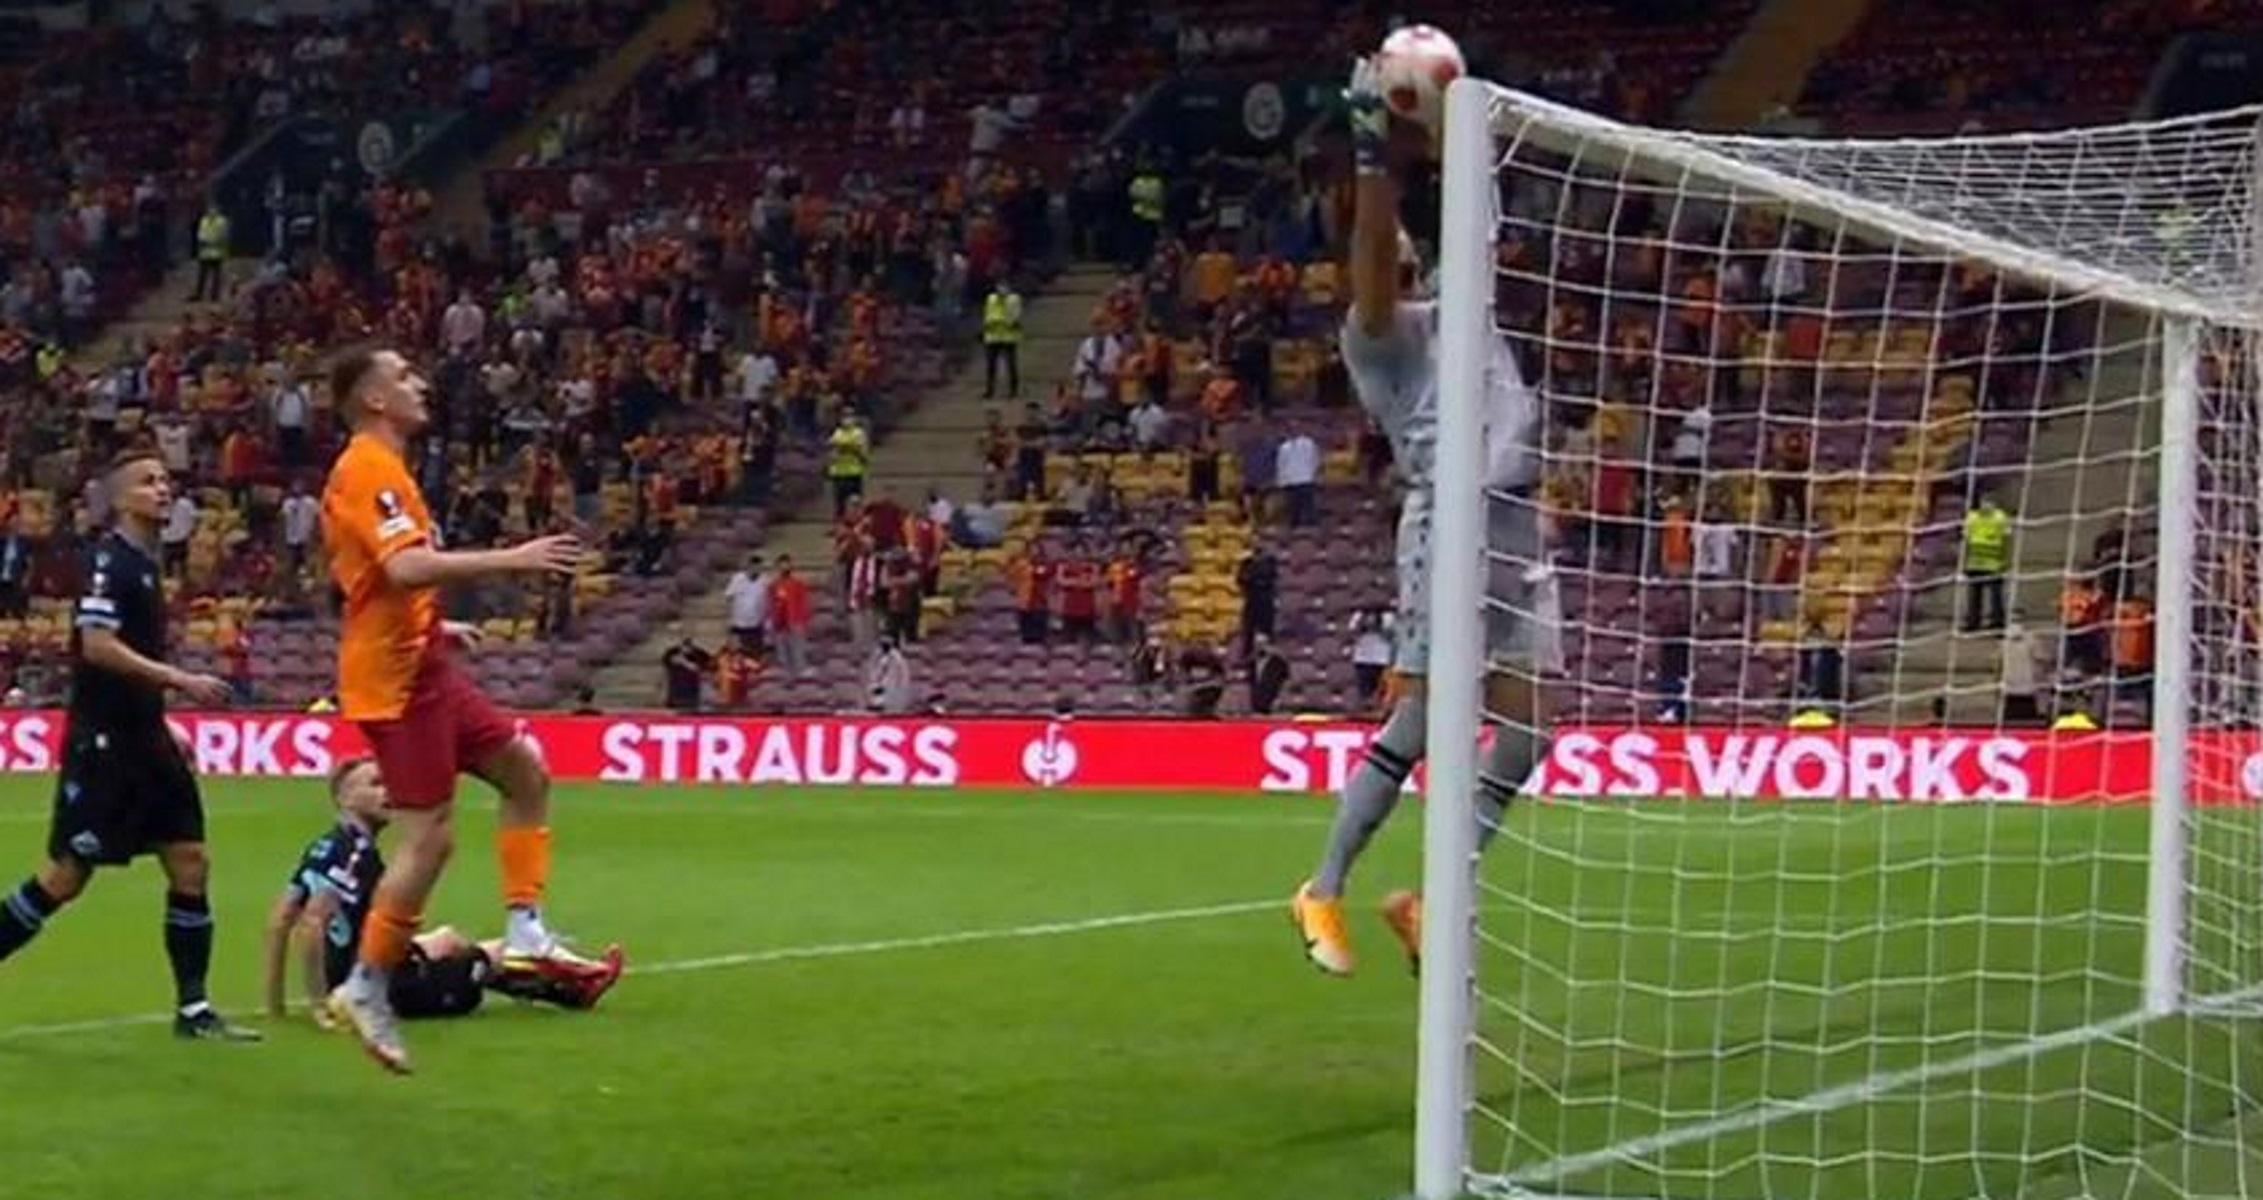 Europa League: Αυτογκόλ για Όσκαρ στο Γαλατασαράι – Λάτσιο από τον Στρακόσια